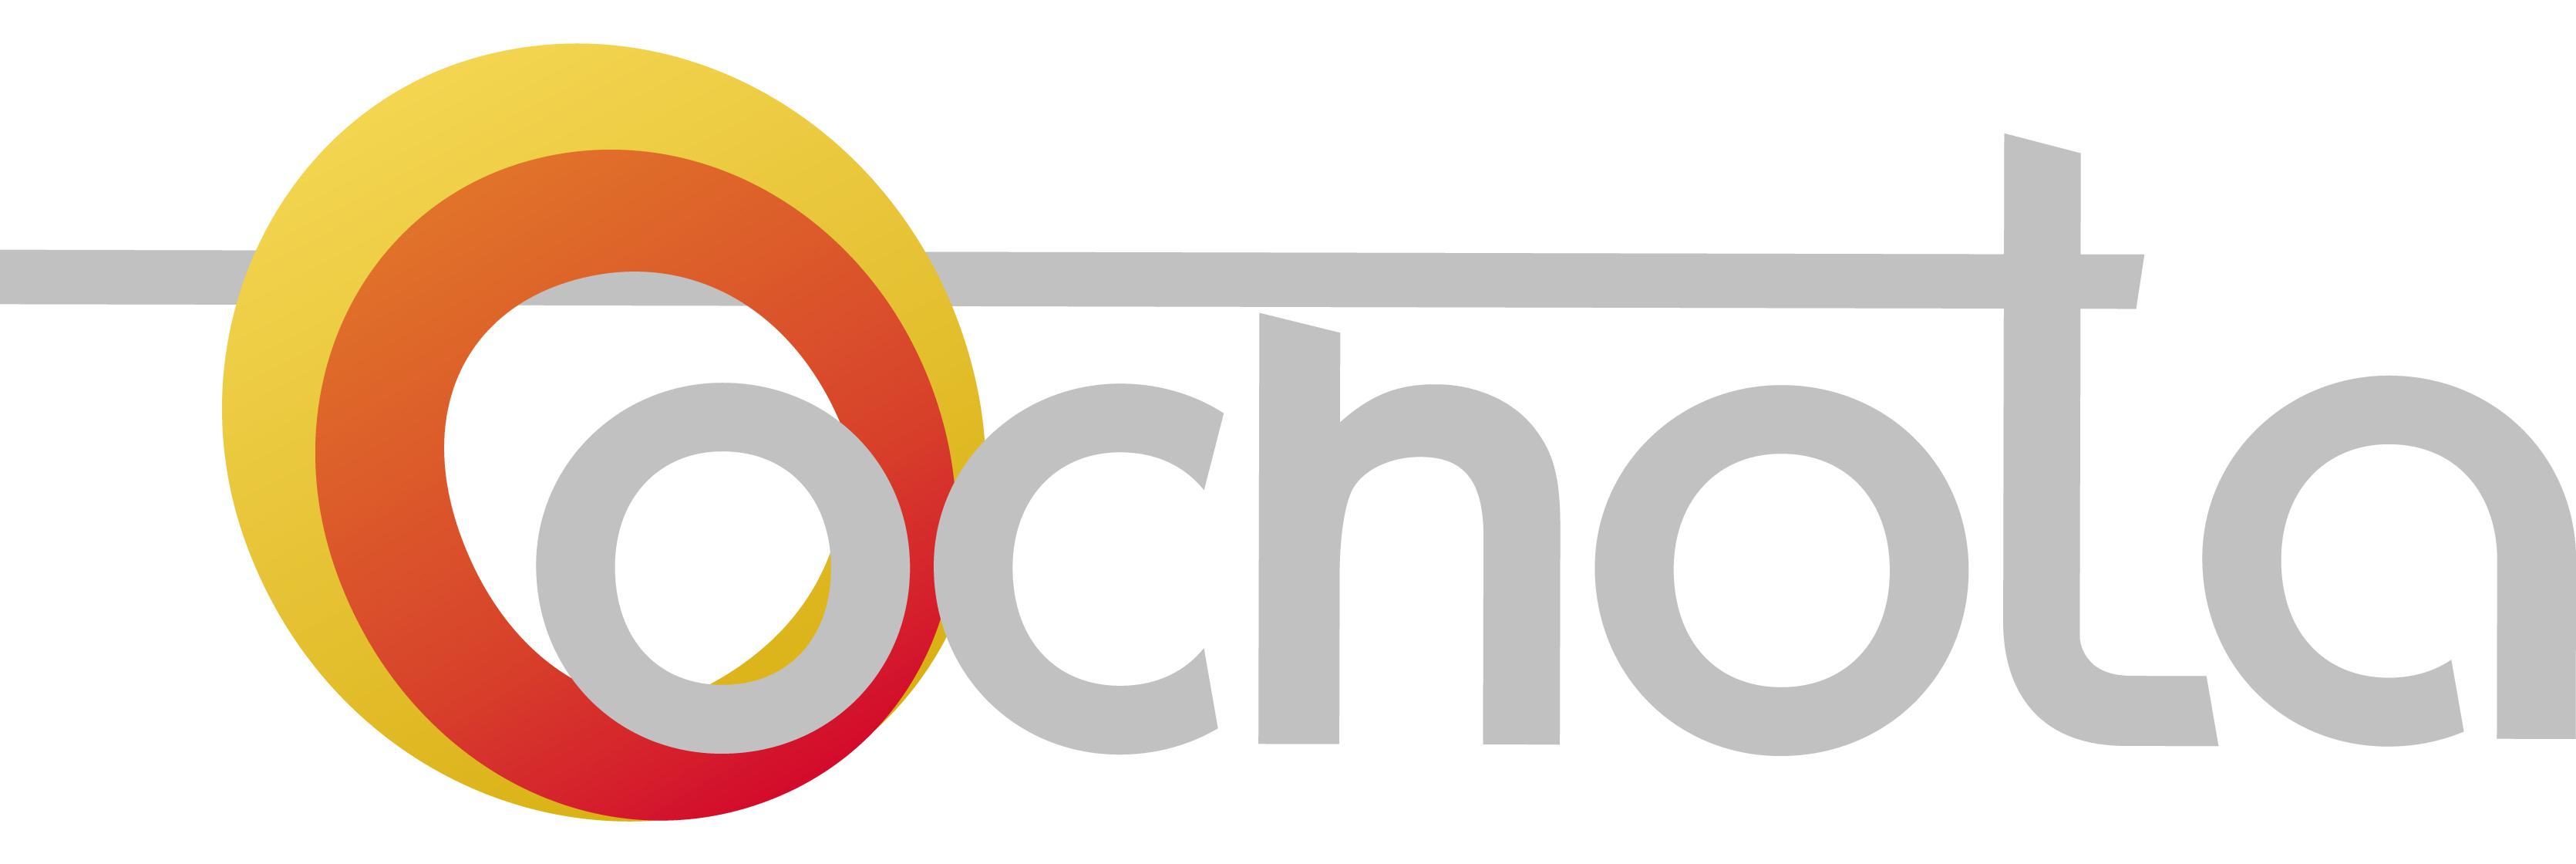 logo_ochota_plik do edycji.cdr